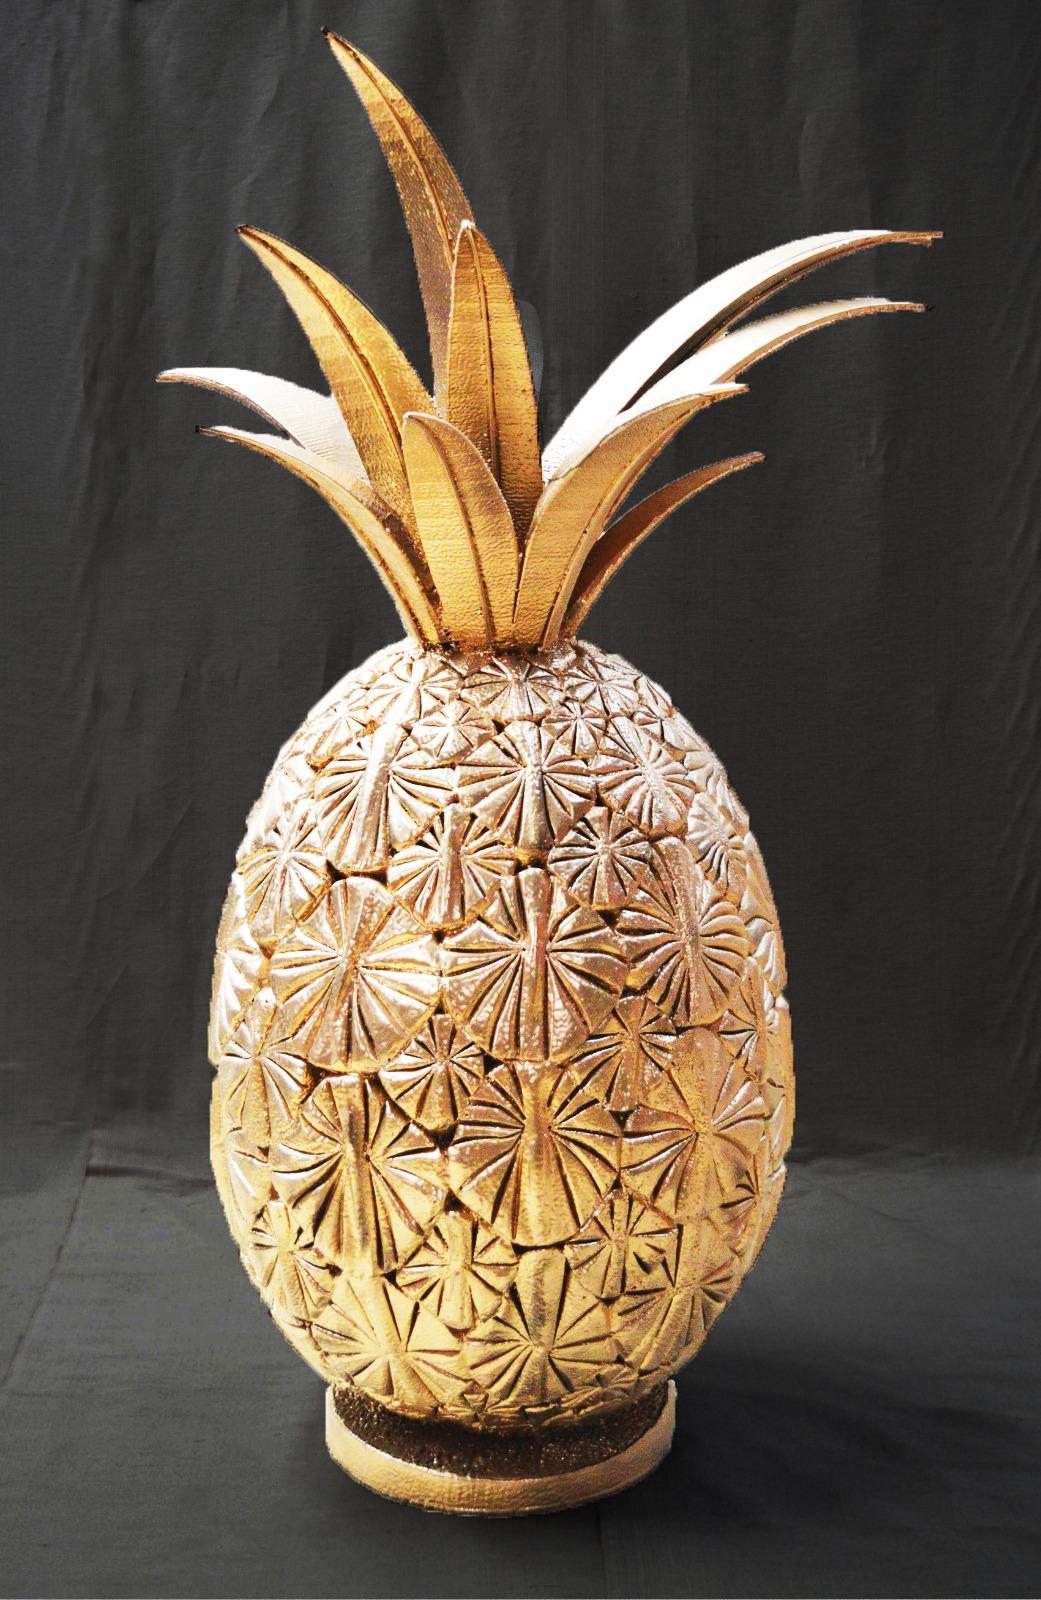 Ananas, inchiriere decor petrecere tematica, photo corner exotic